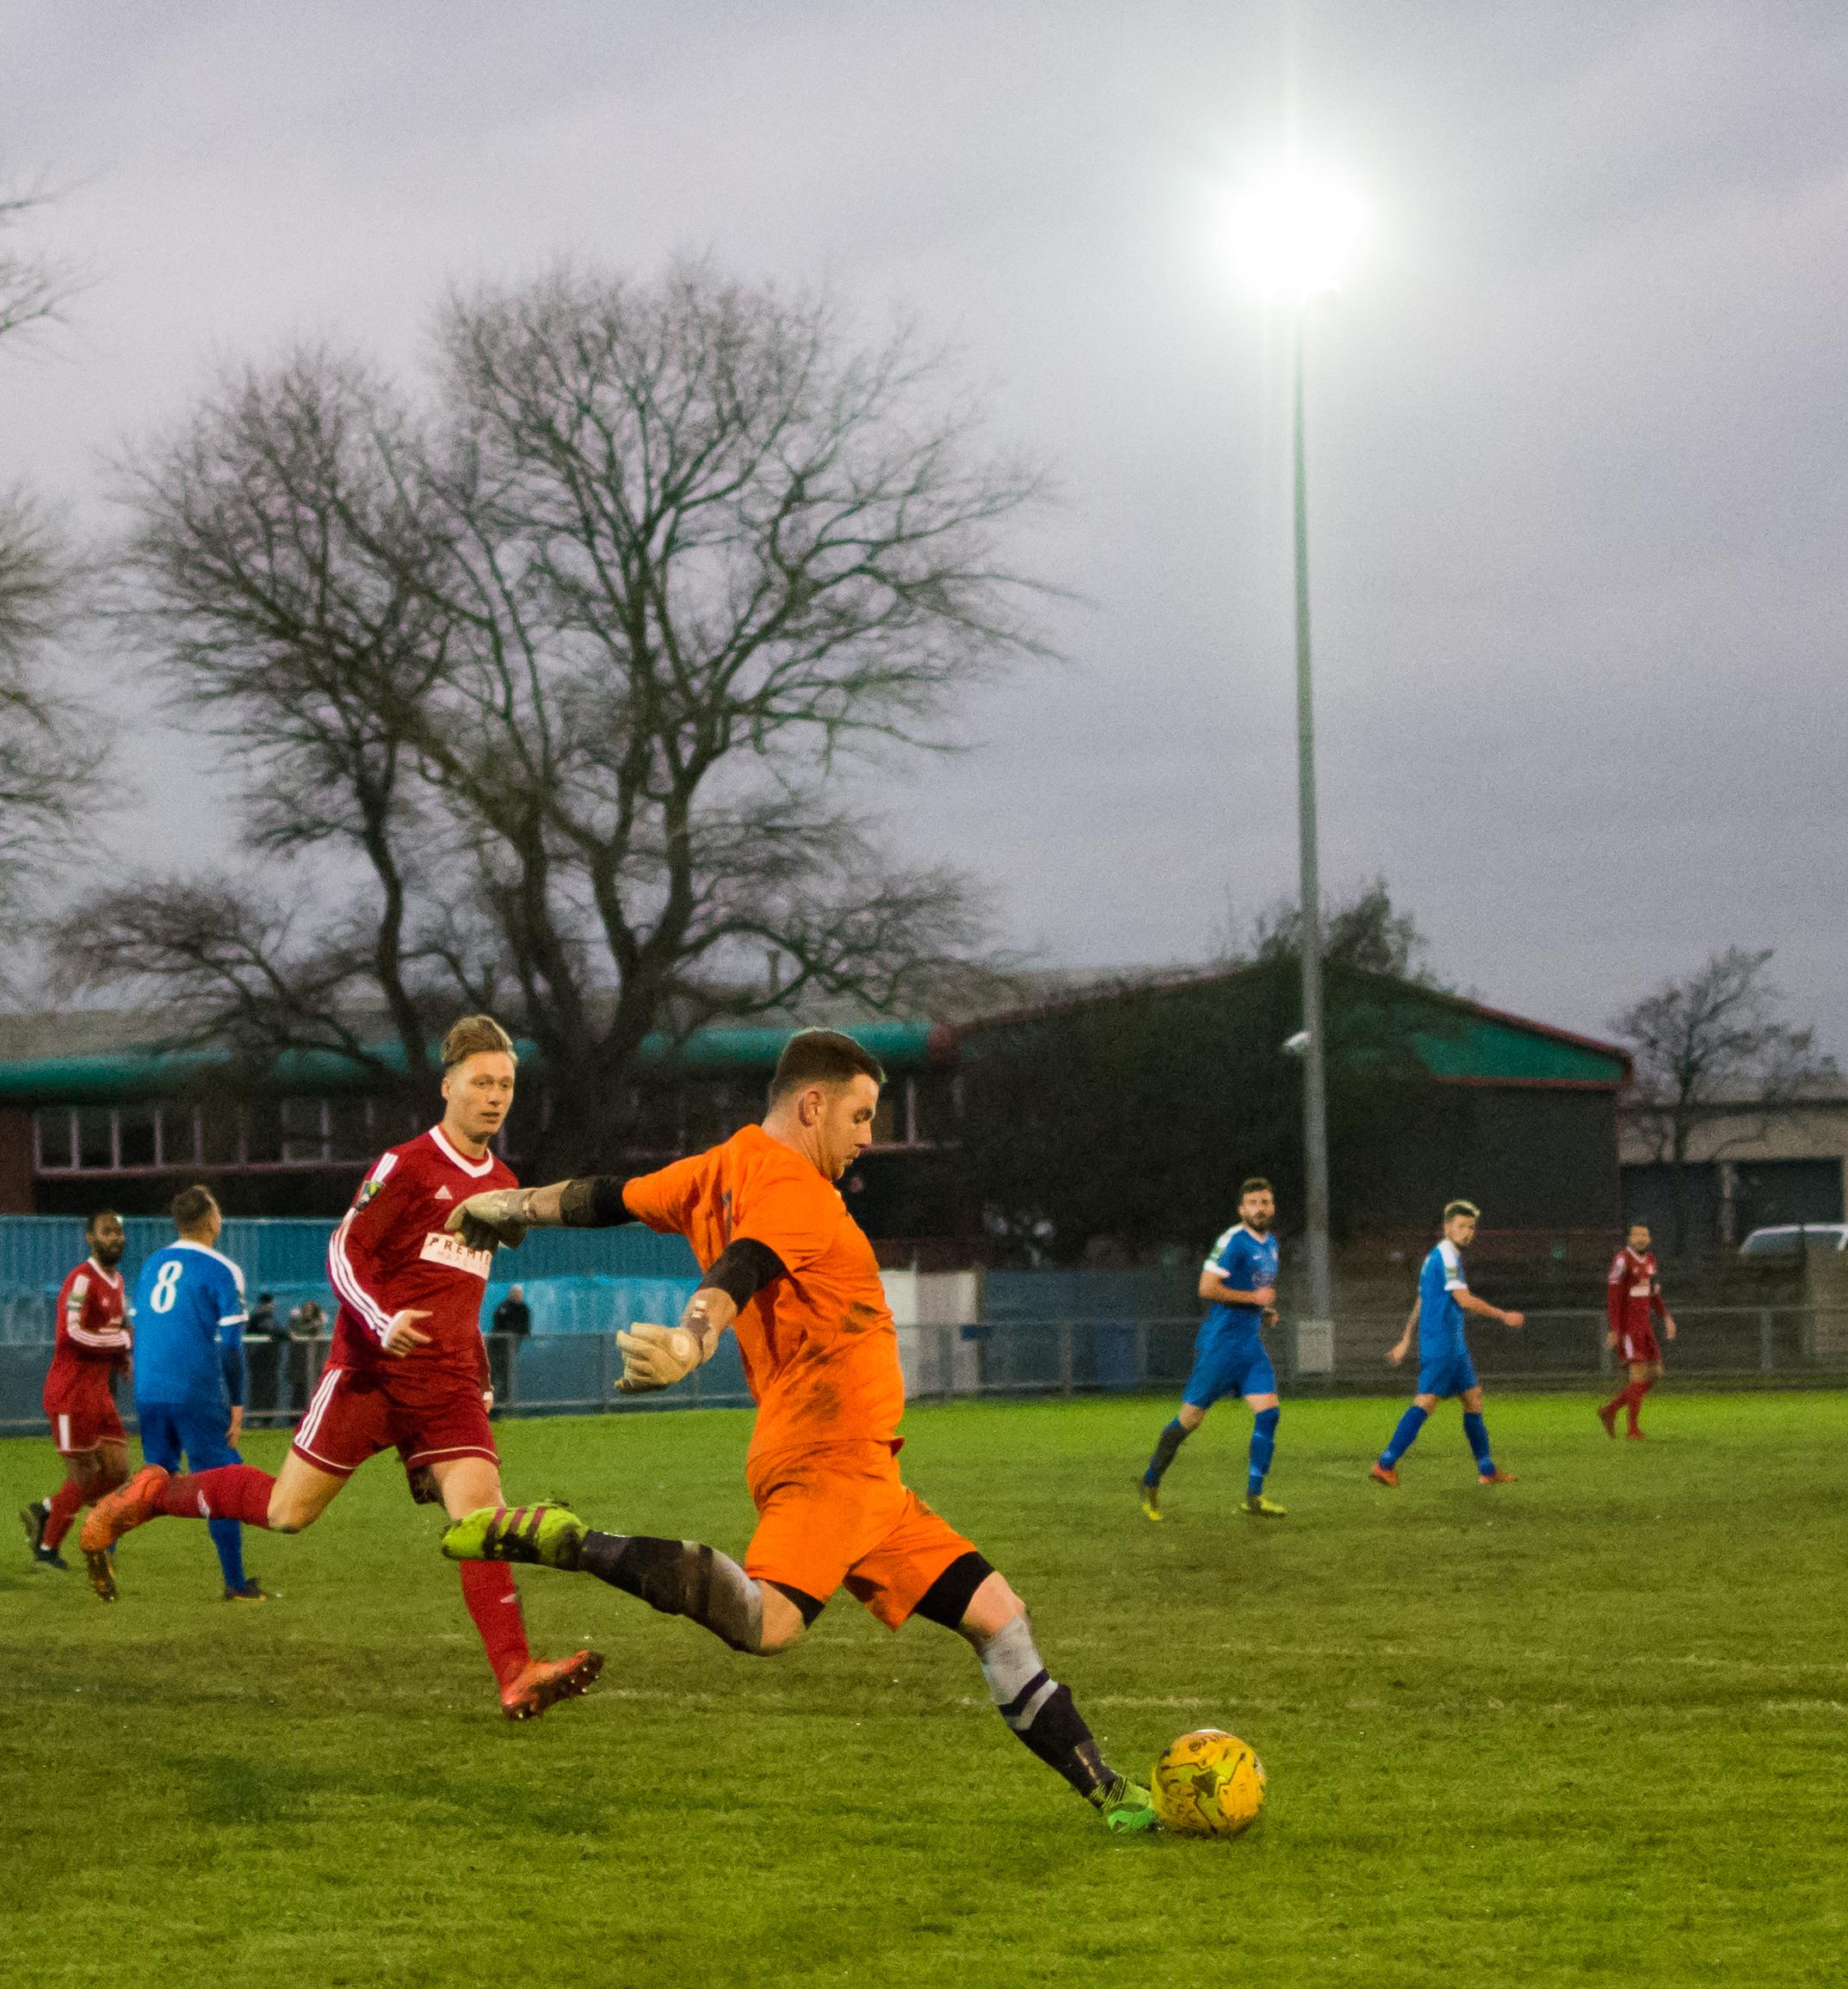 Shoreham FC vs Hythe Town 11.11.17 83